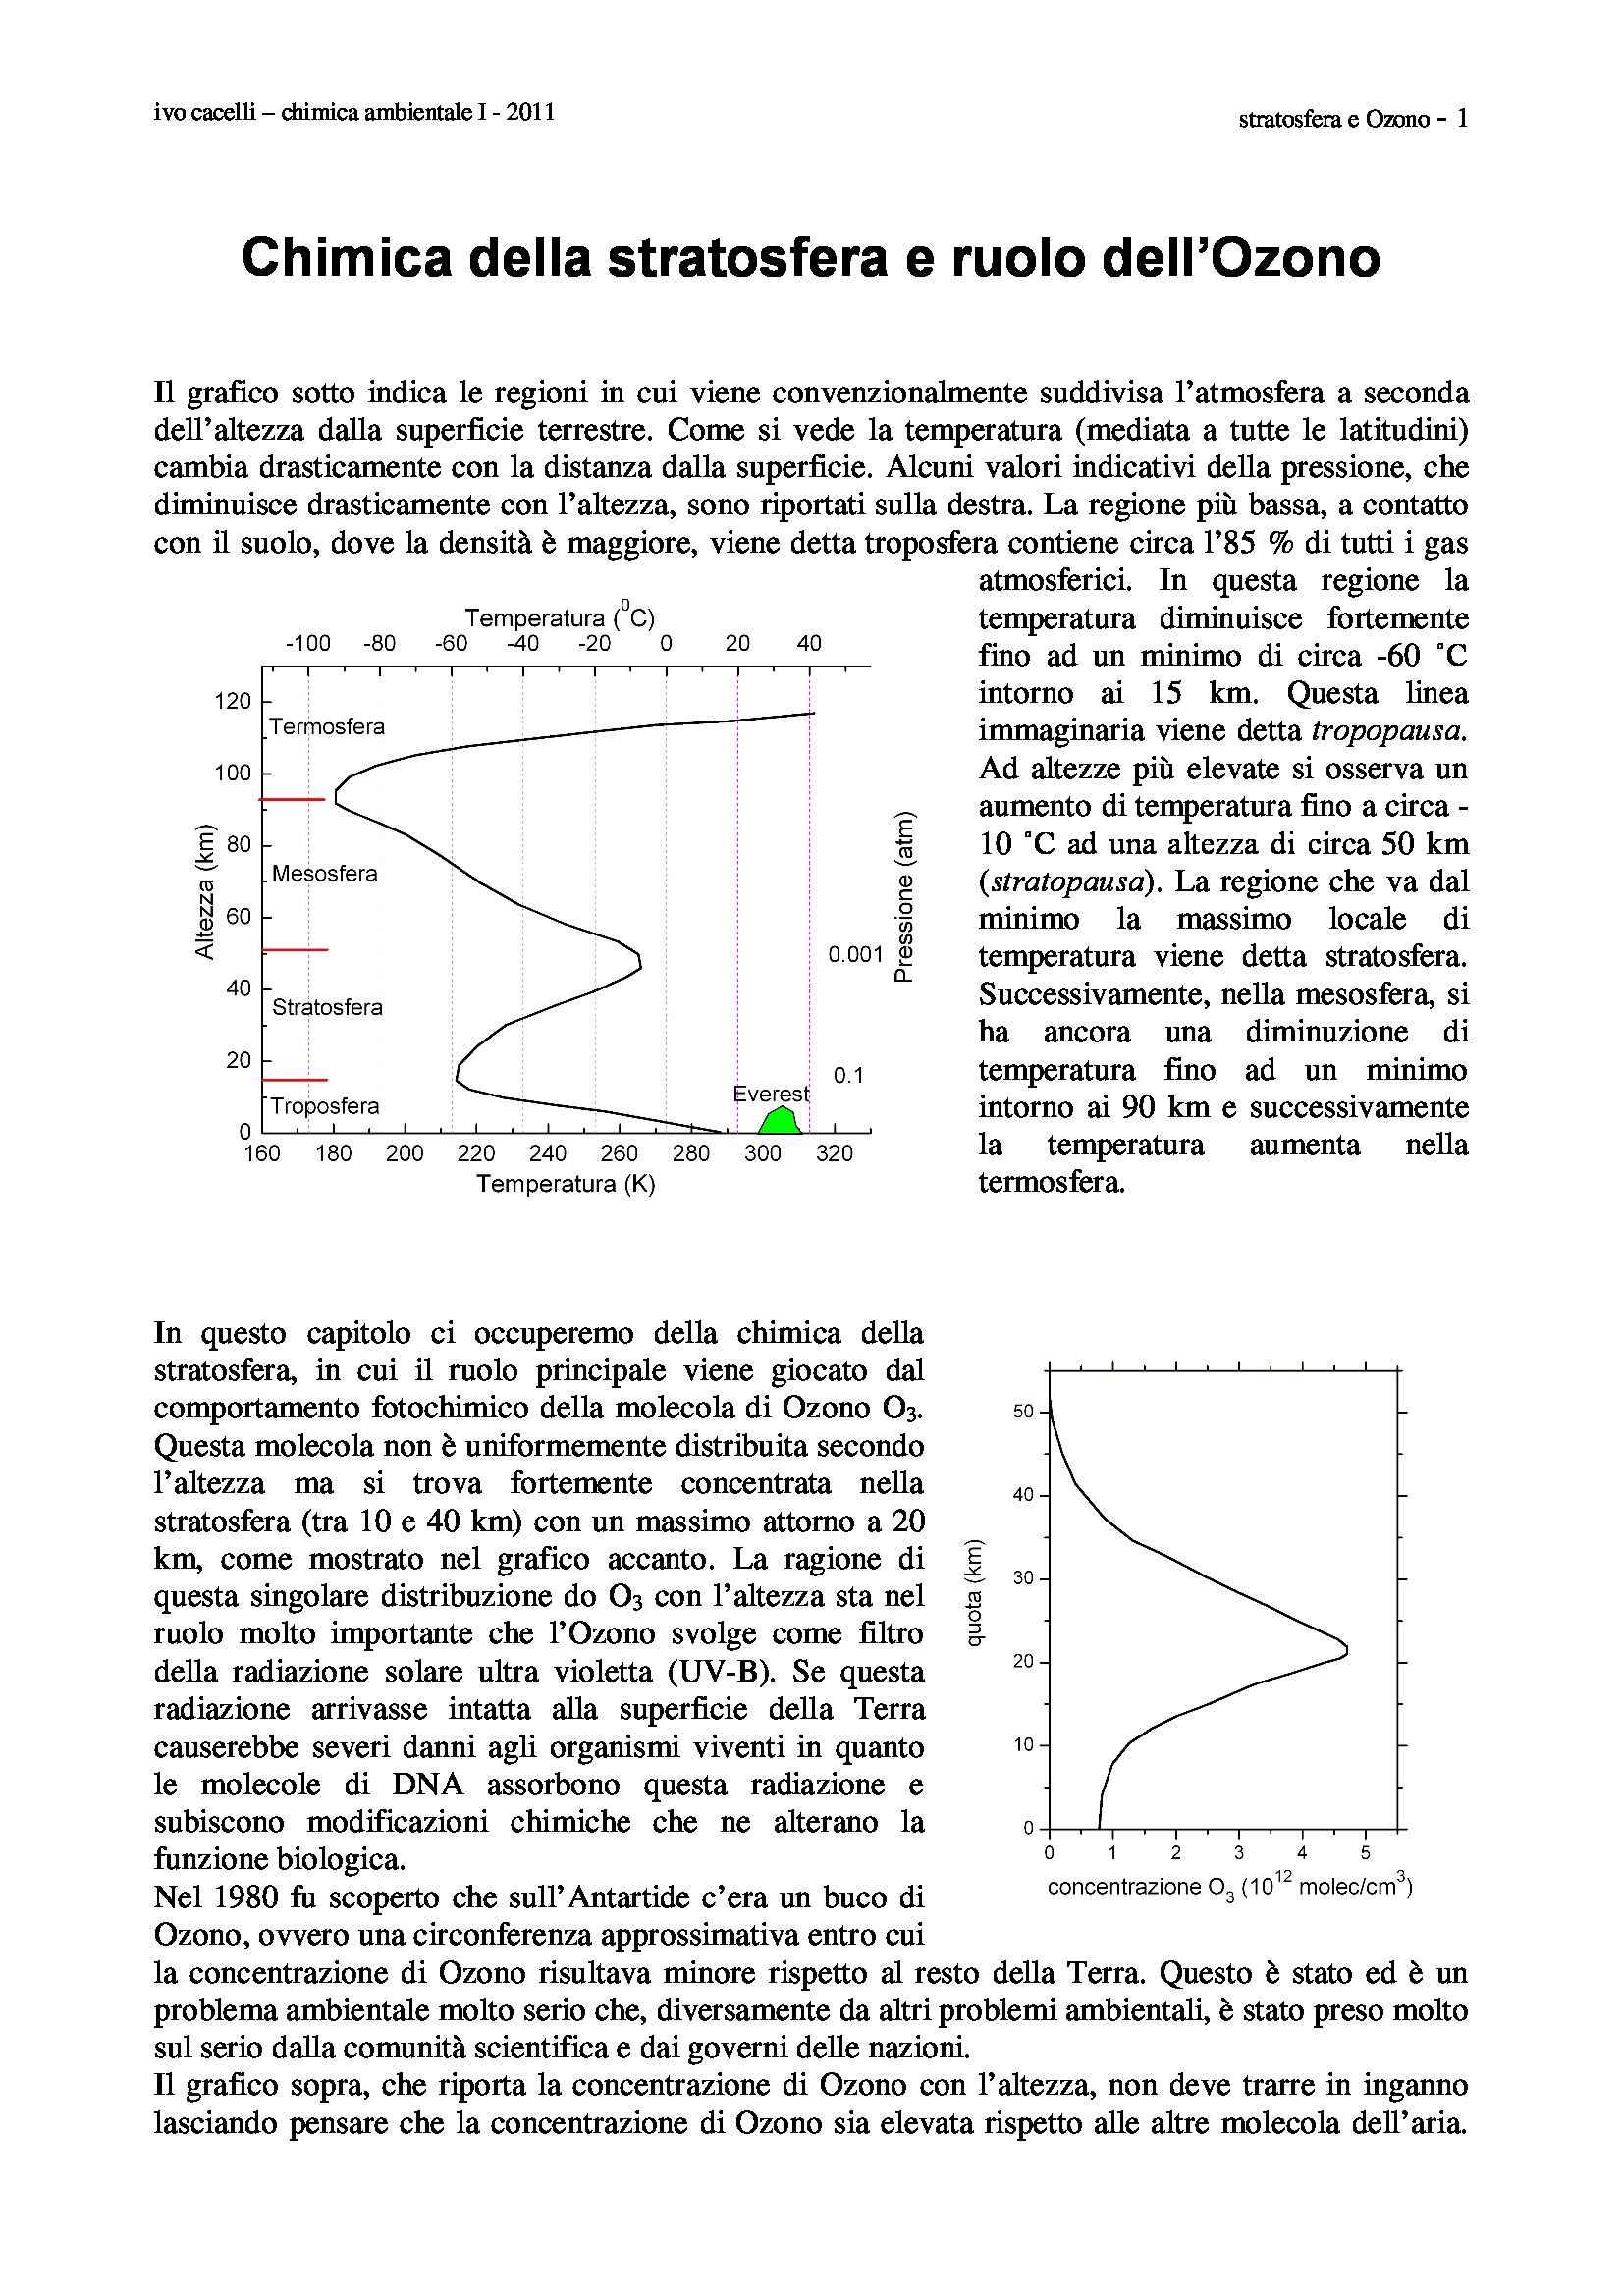 Chimica della stratosfera e ozono